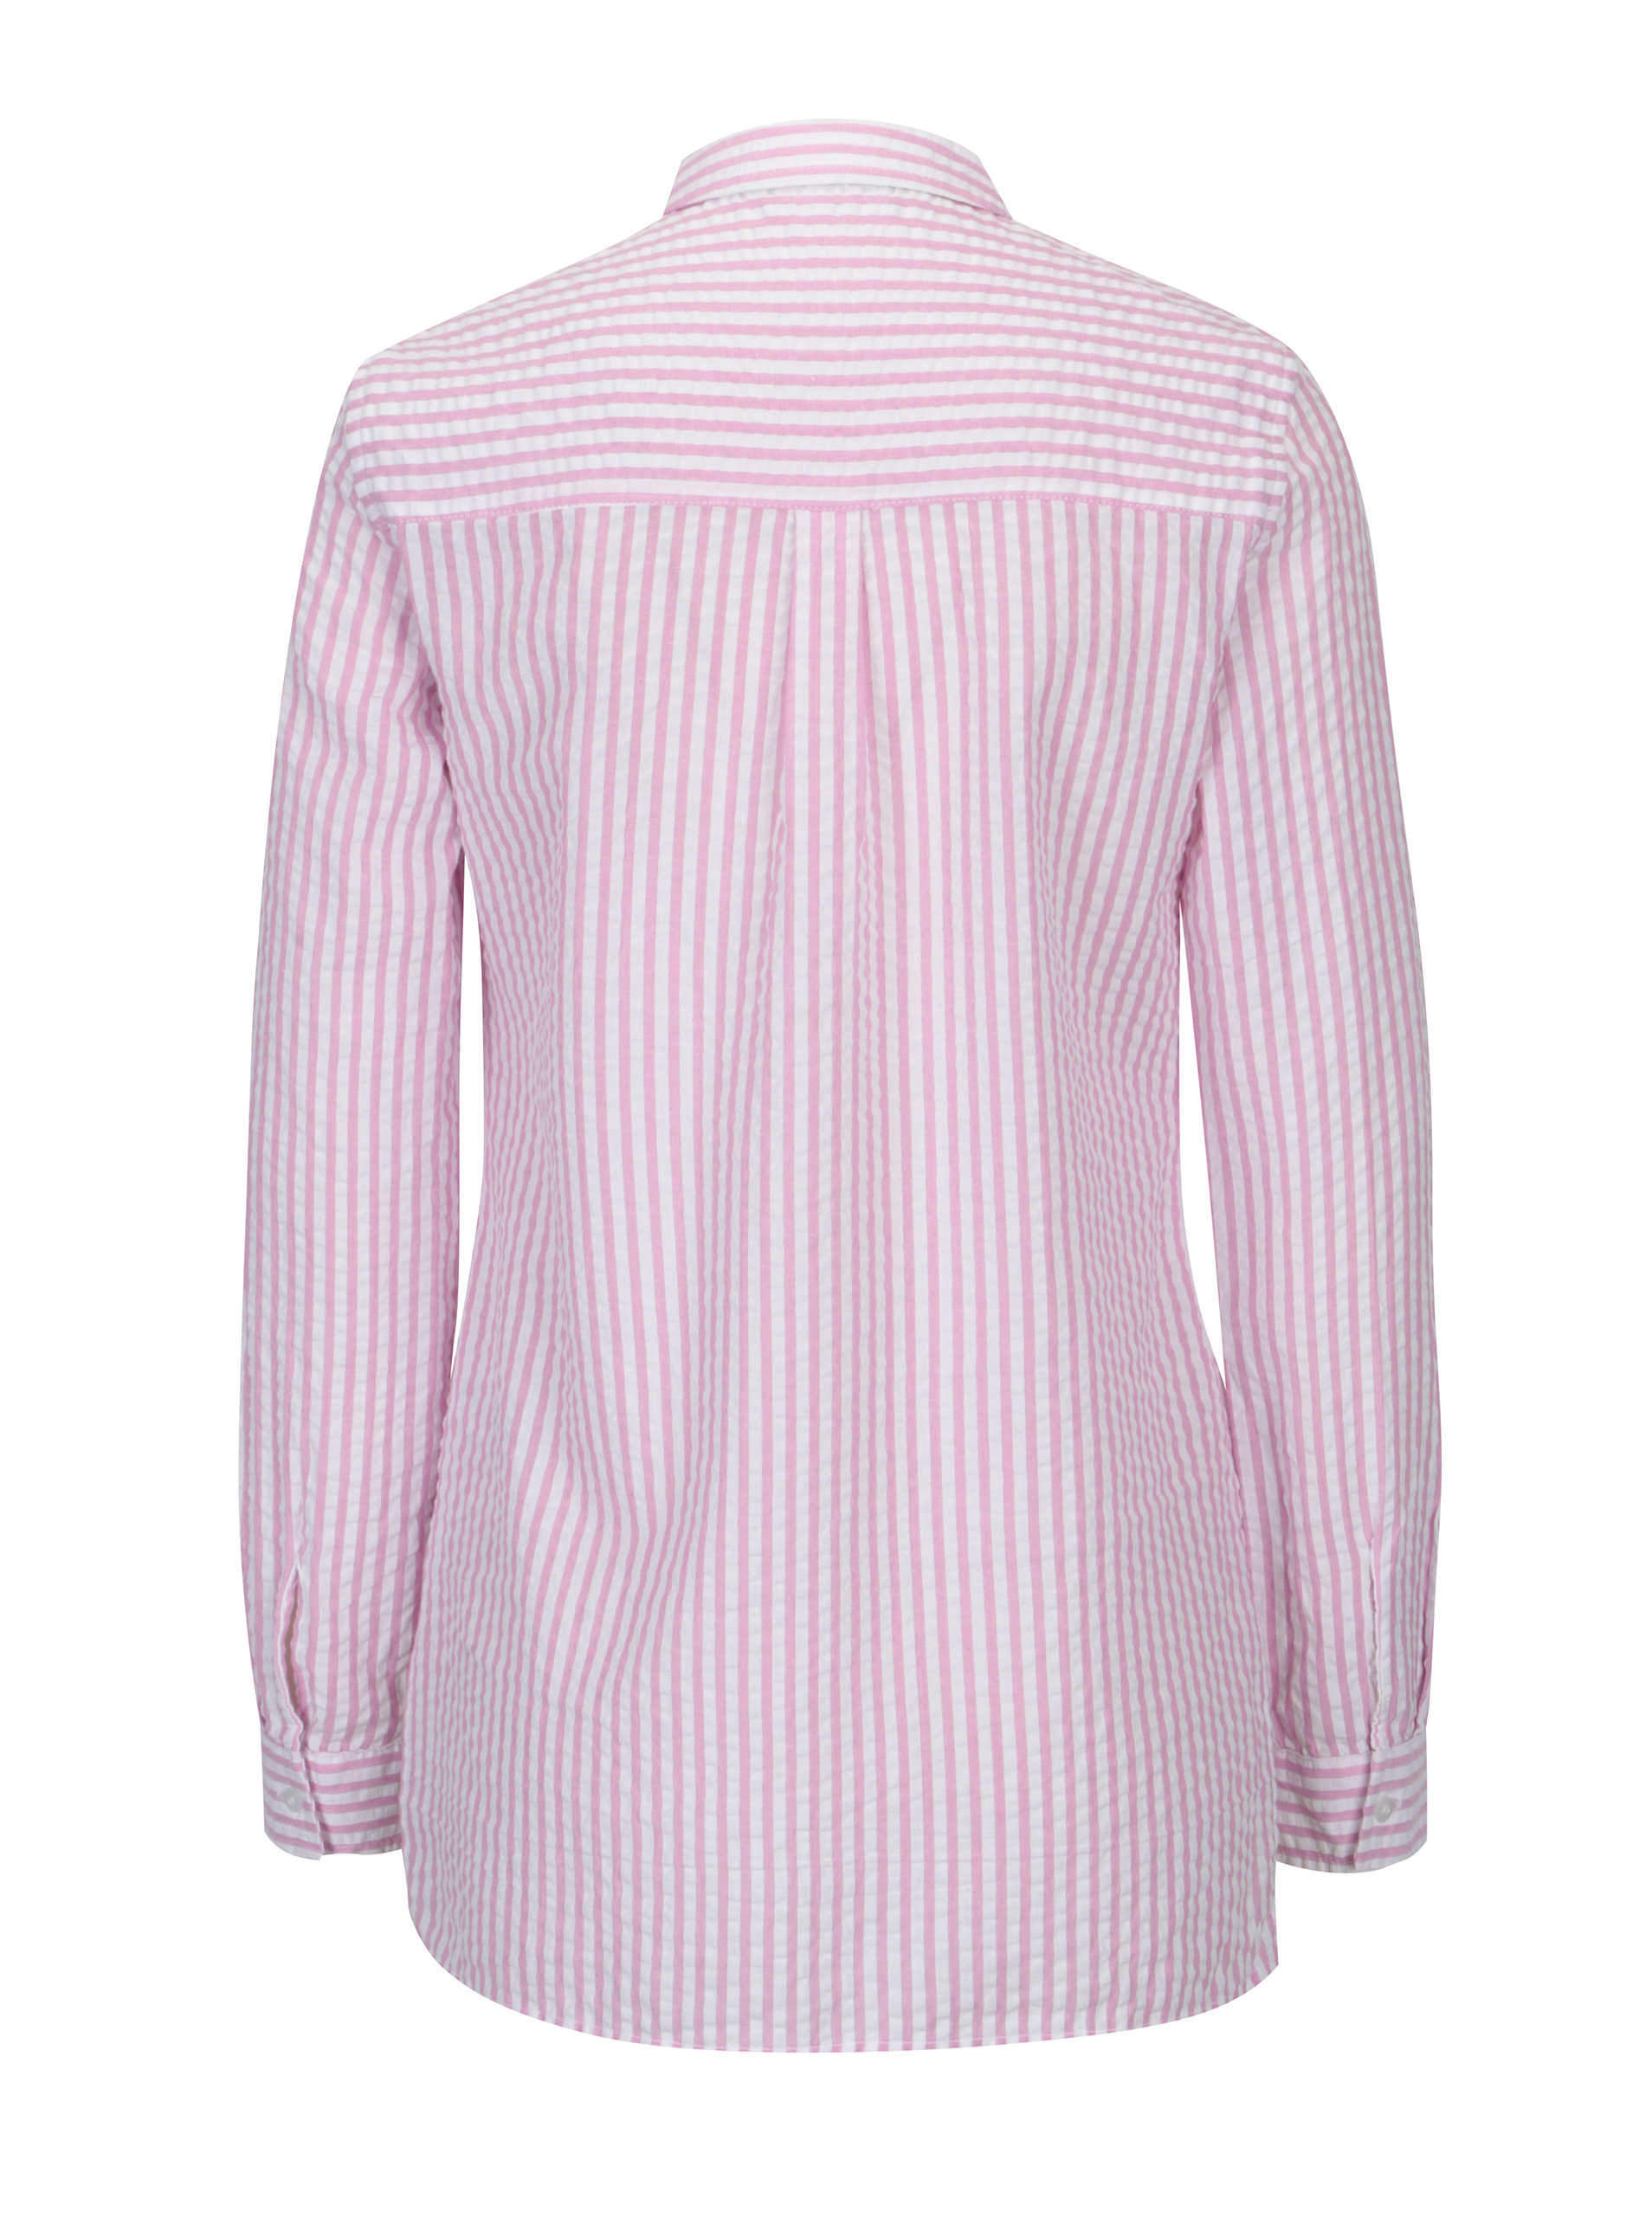 0e1d39757d93 Bielo-ružová pruhovaná košeľa s vreckami Dorothy Perkins ...